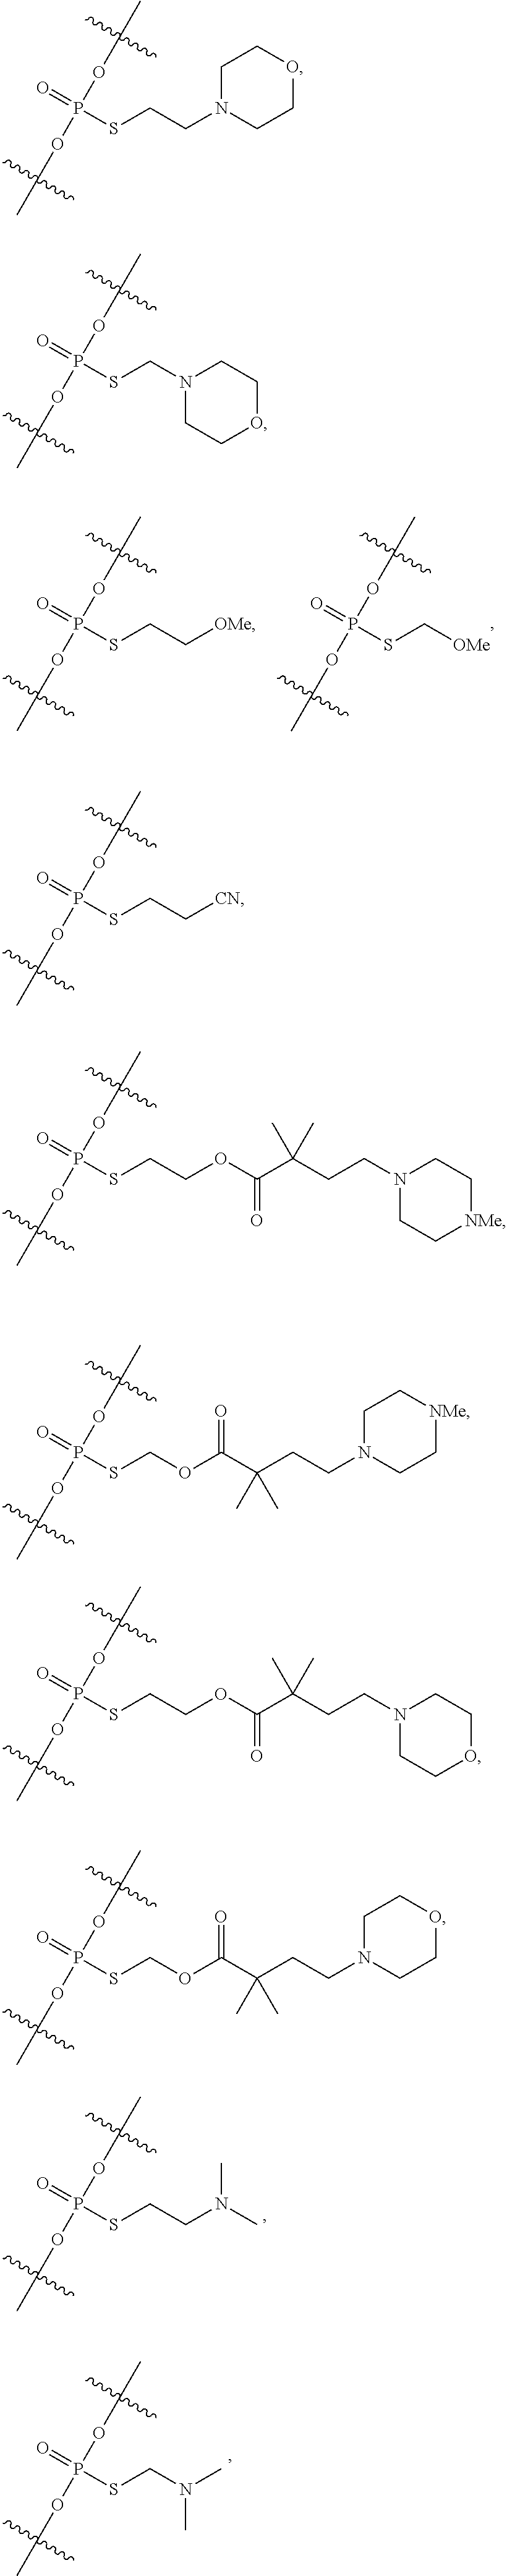 Figure US10160969-20181225-C00170